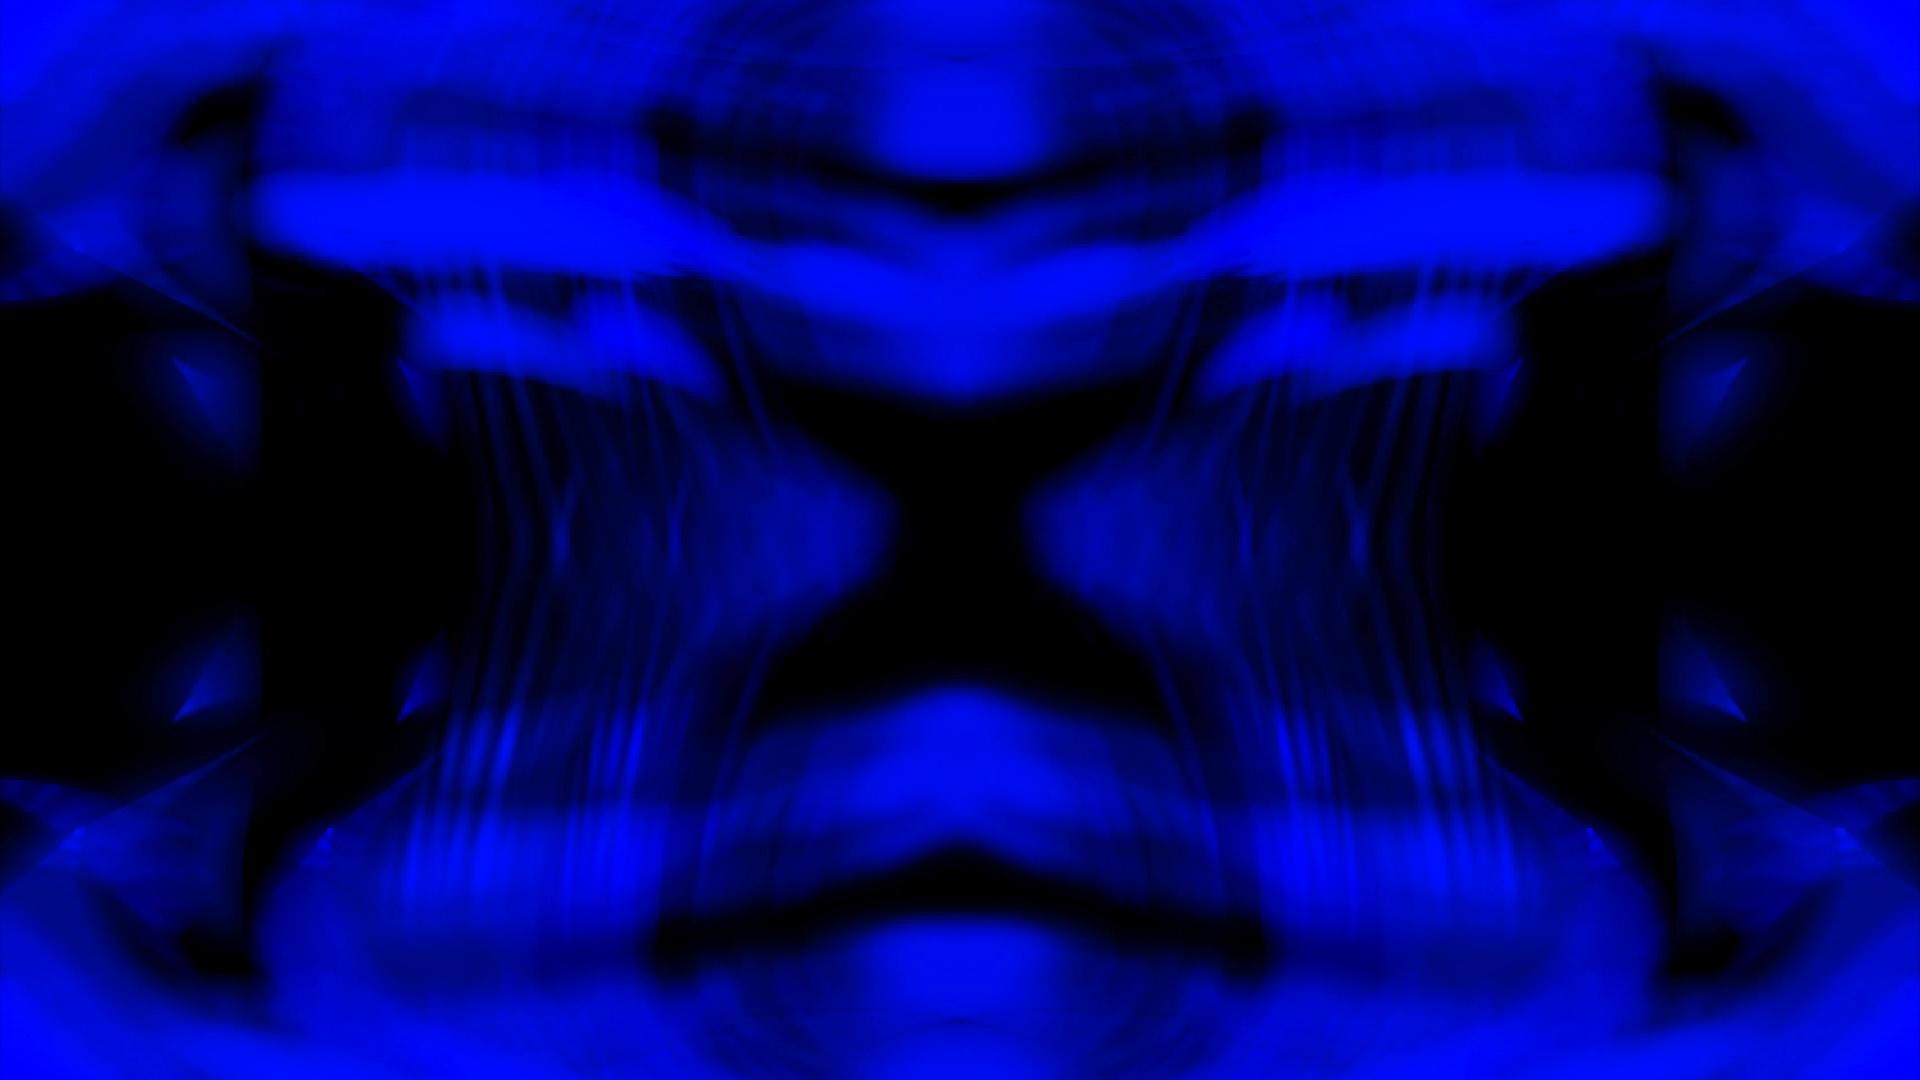 Girl - Blue Mesh - Pt.2c